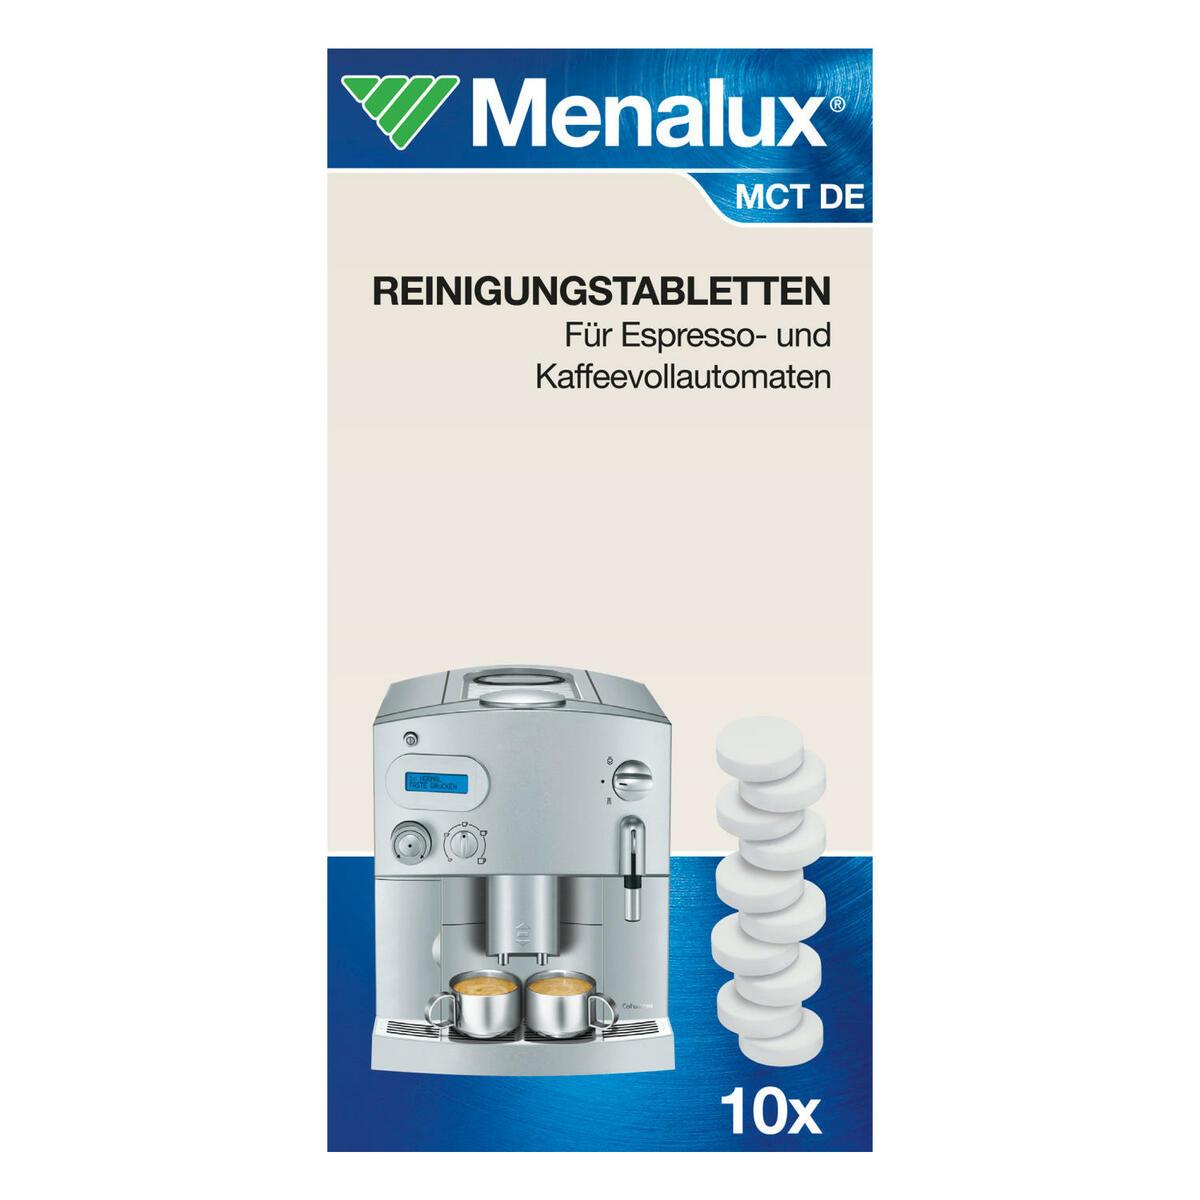 Bild 1 von Menalux Reinigungstabletten  MCT DE